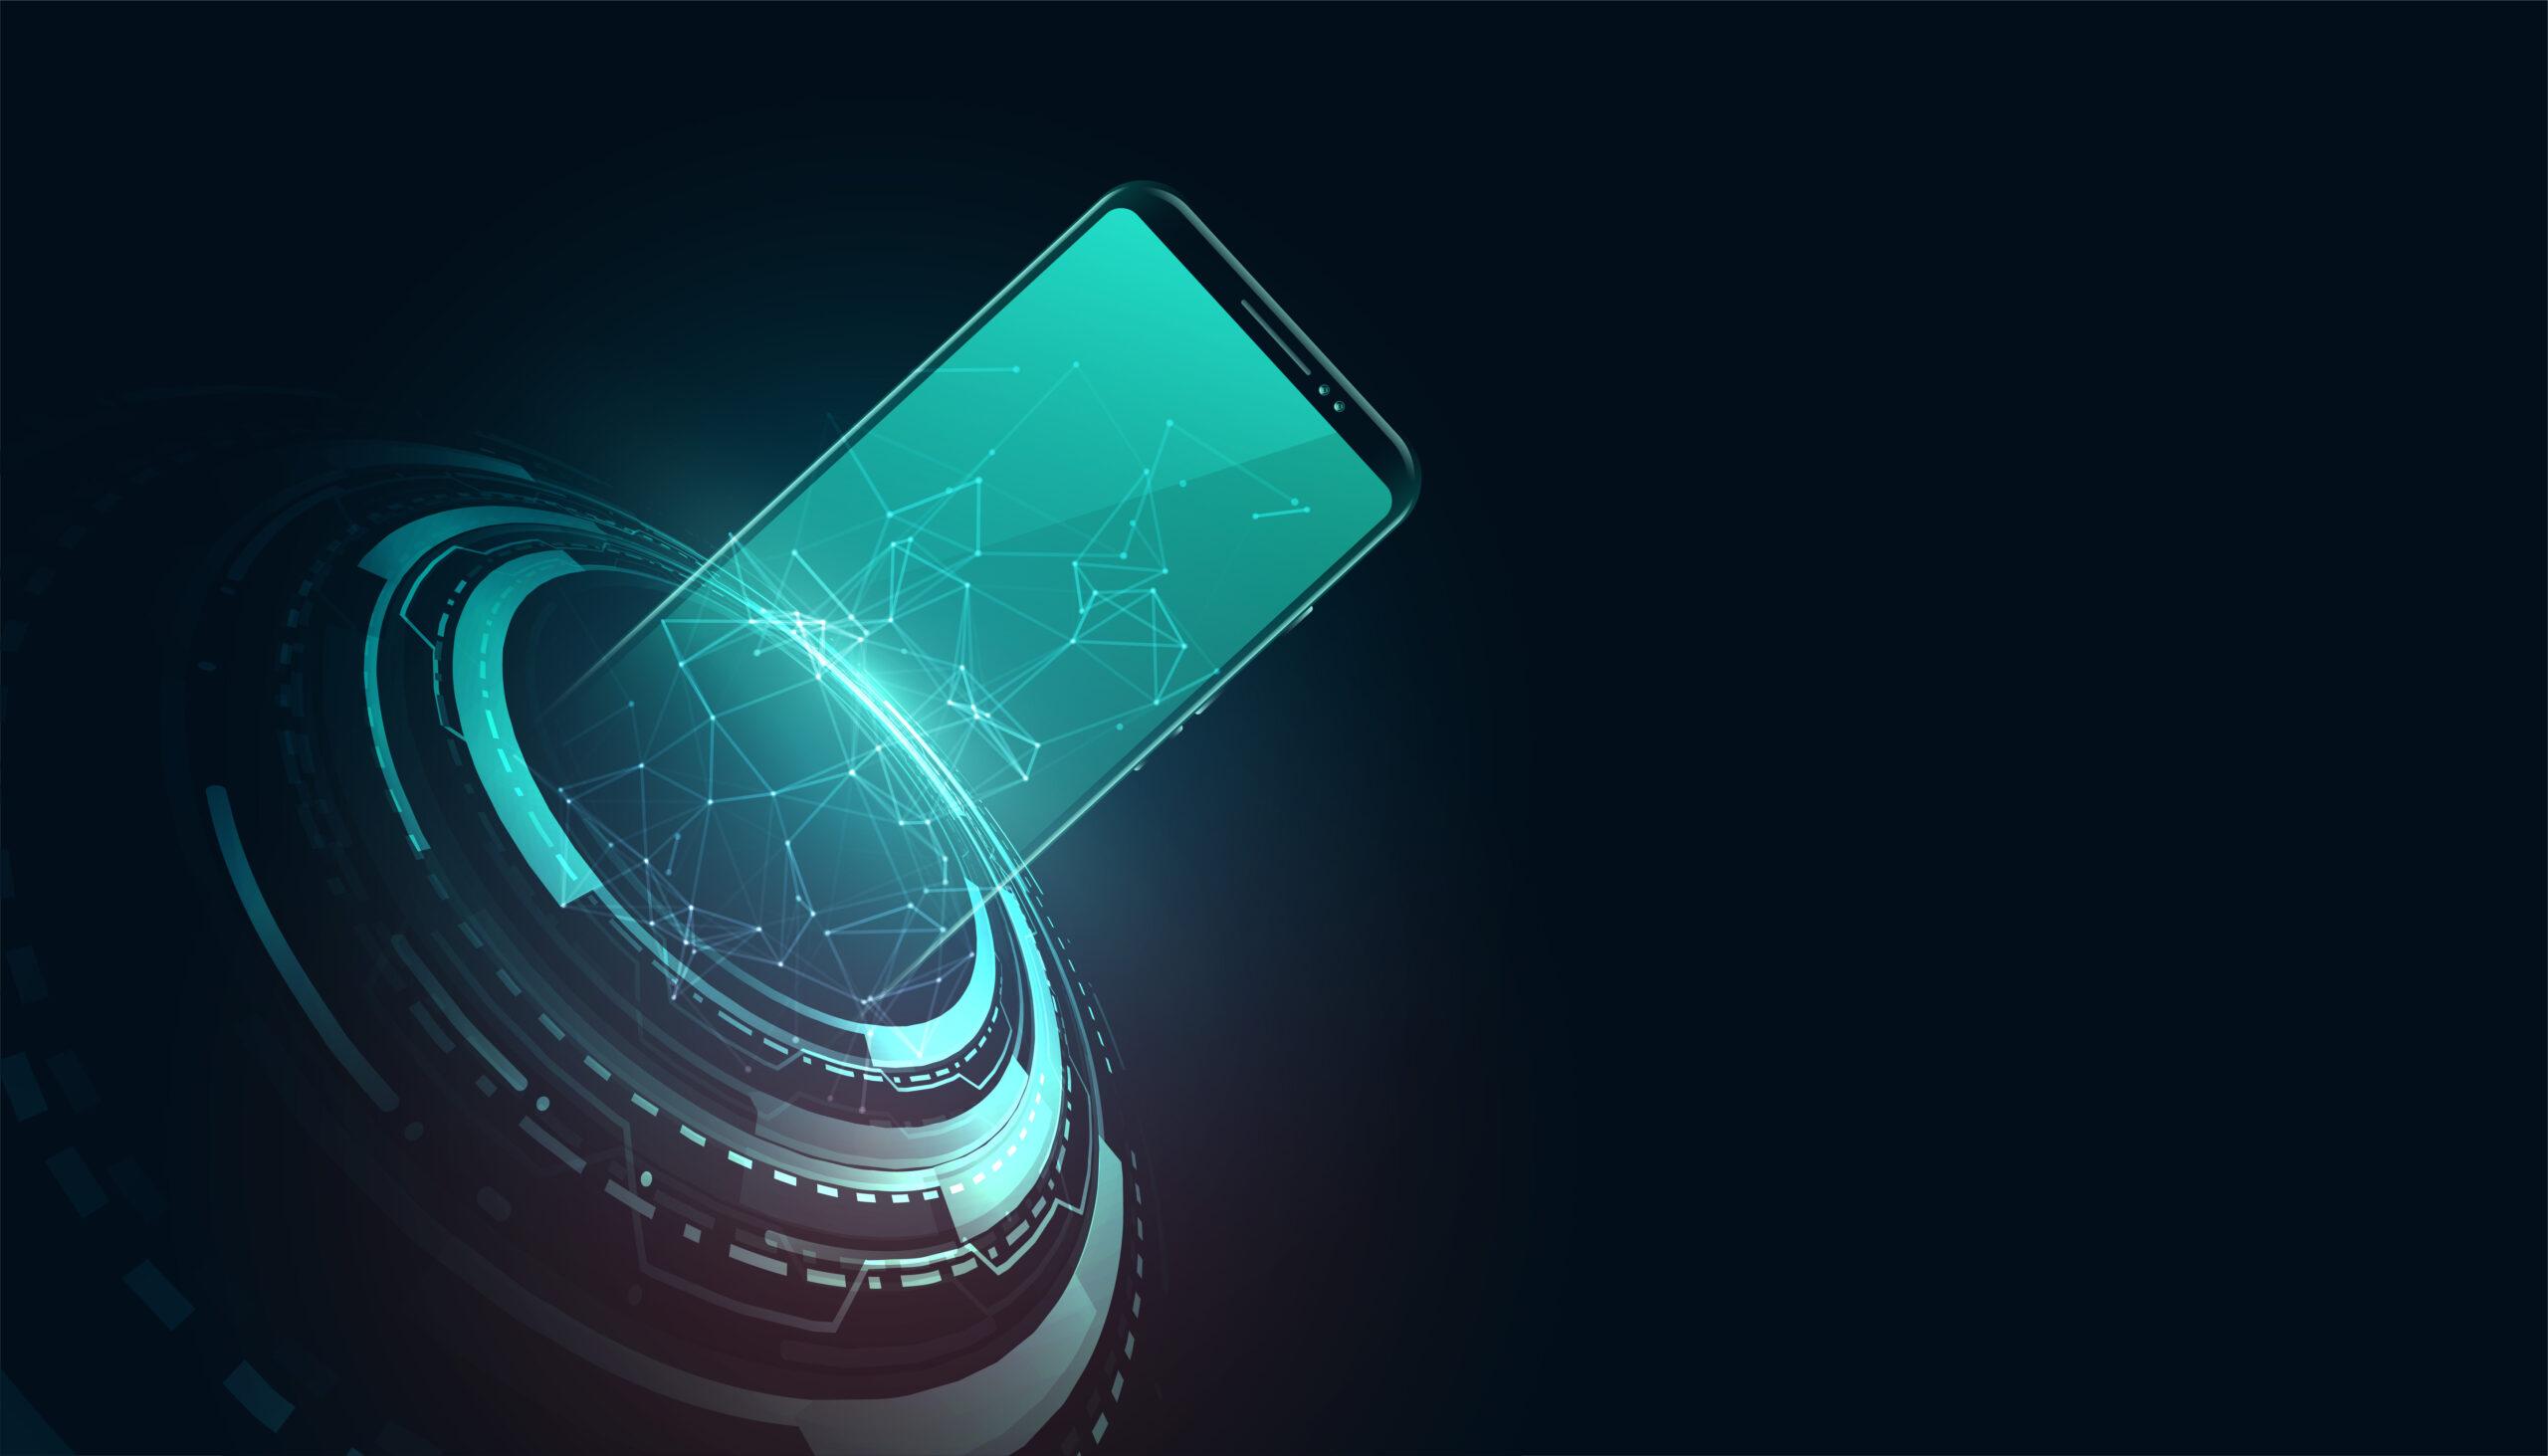 Cómo aprovechar la tecnología para transformar tu evento en una experiencia única